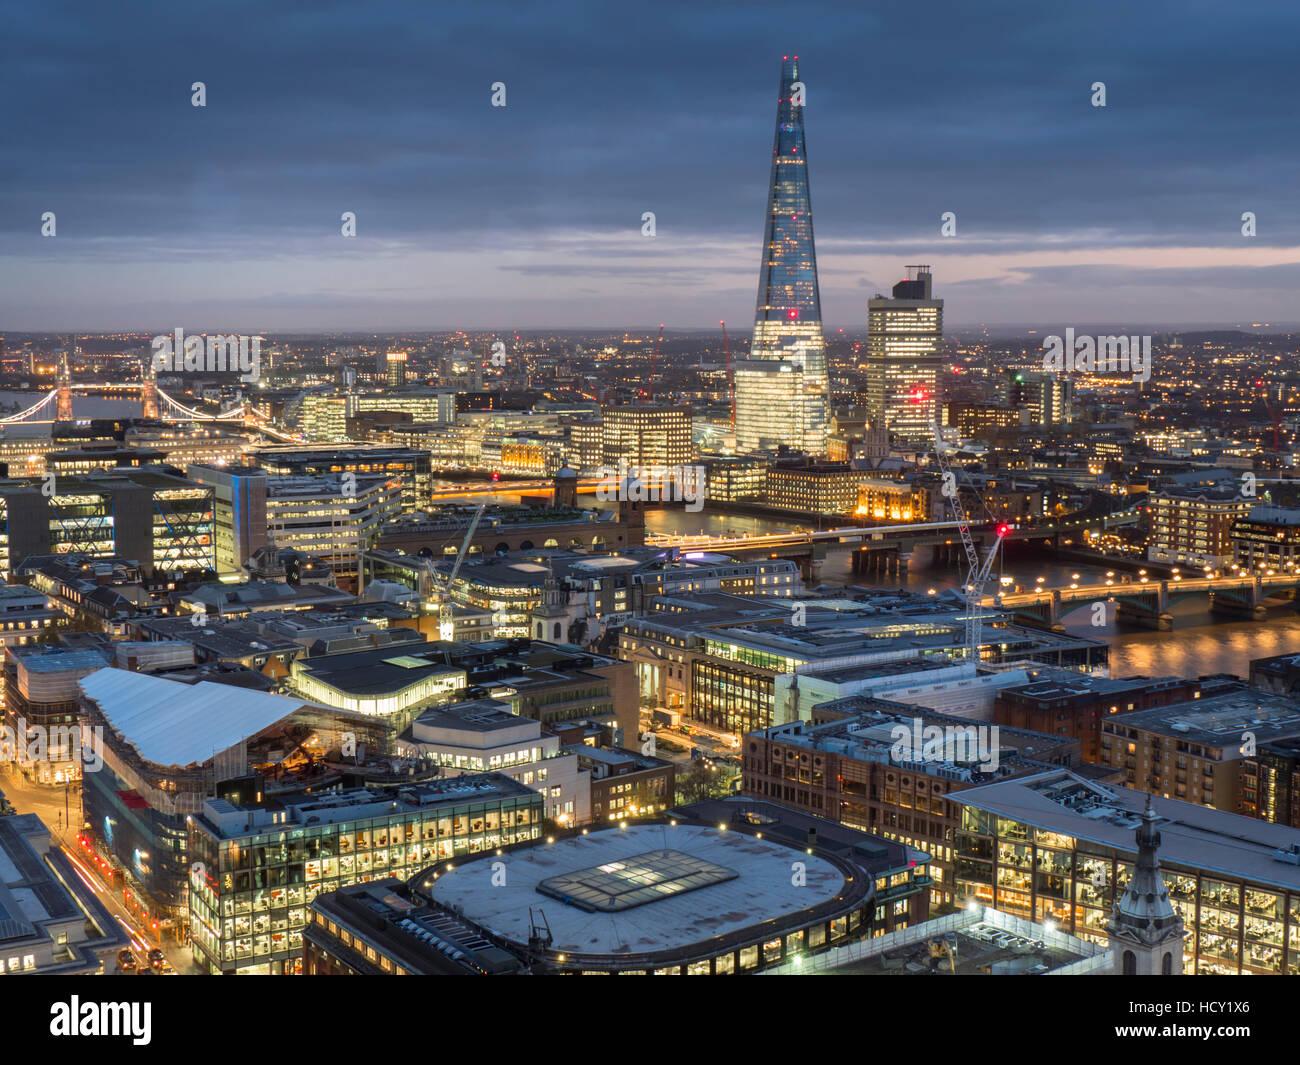 Stadtbild mit The Shard in der Abenddämmerung, London, UK Stockbild